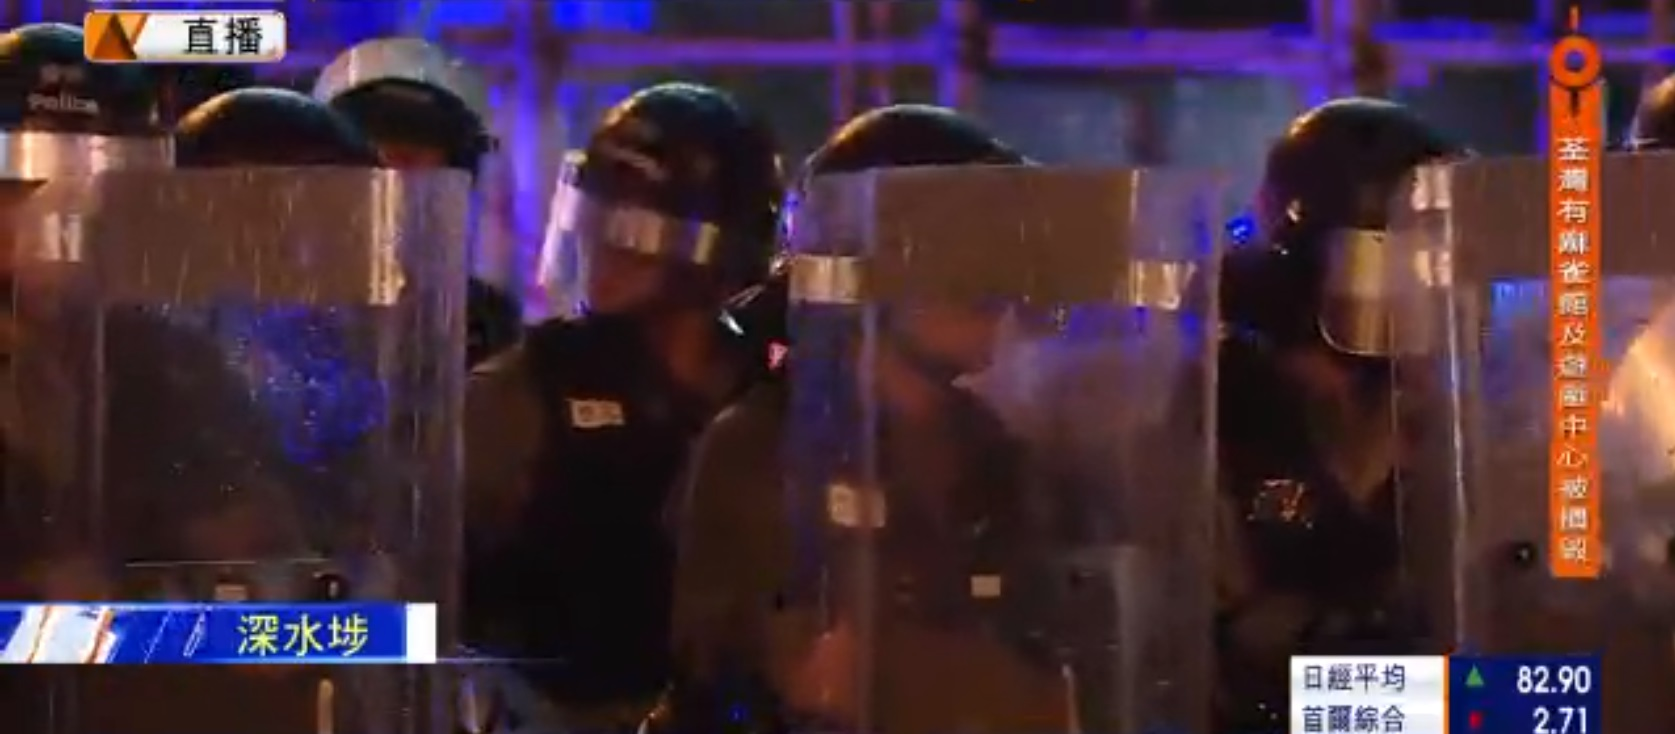 示威者深水埗聚集與防暴警察對峙。NOW新聞截圖